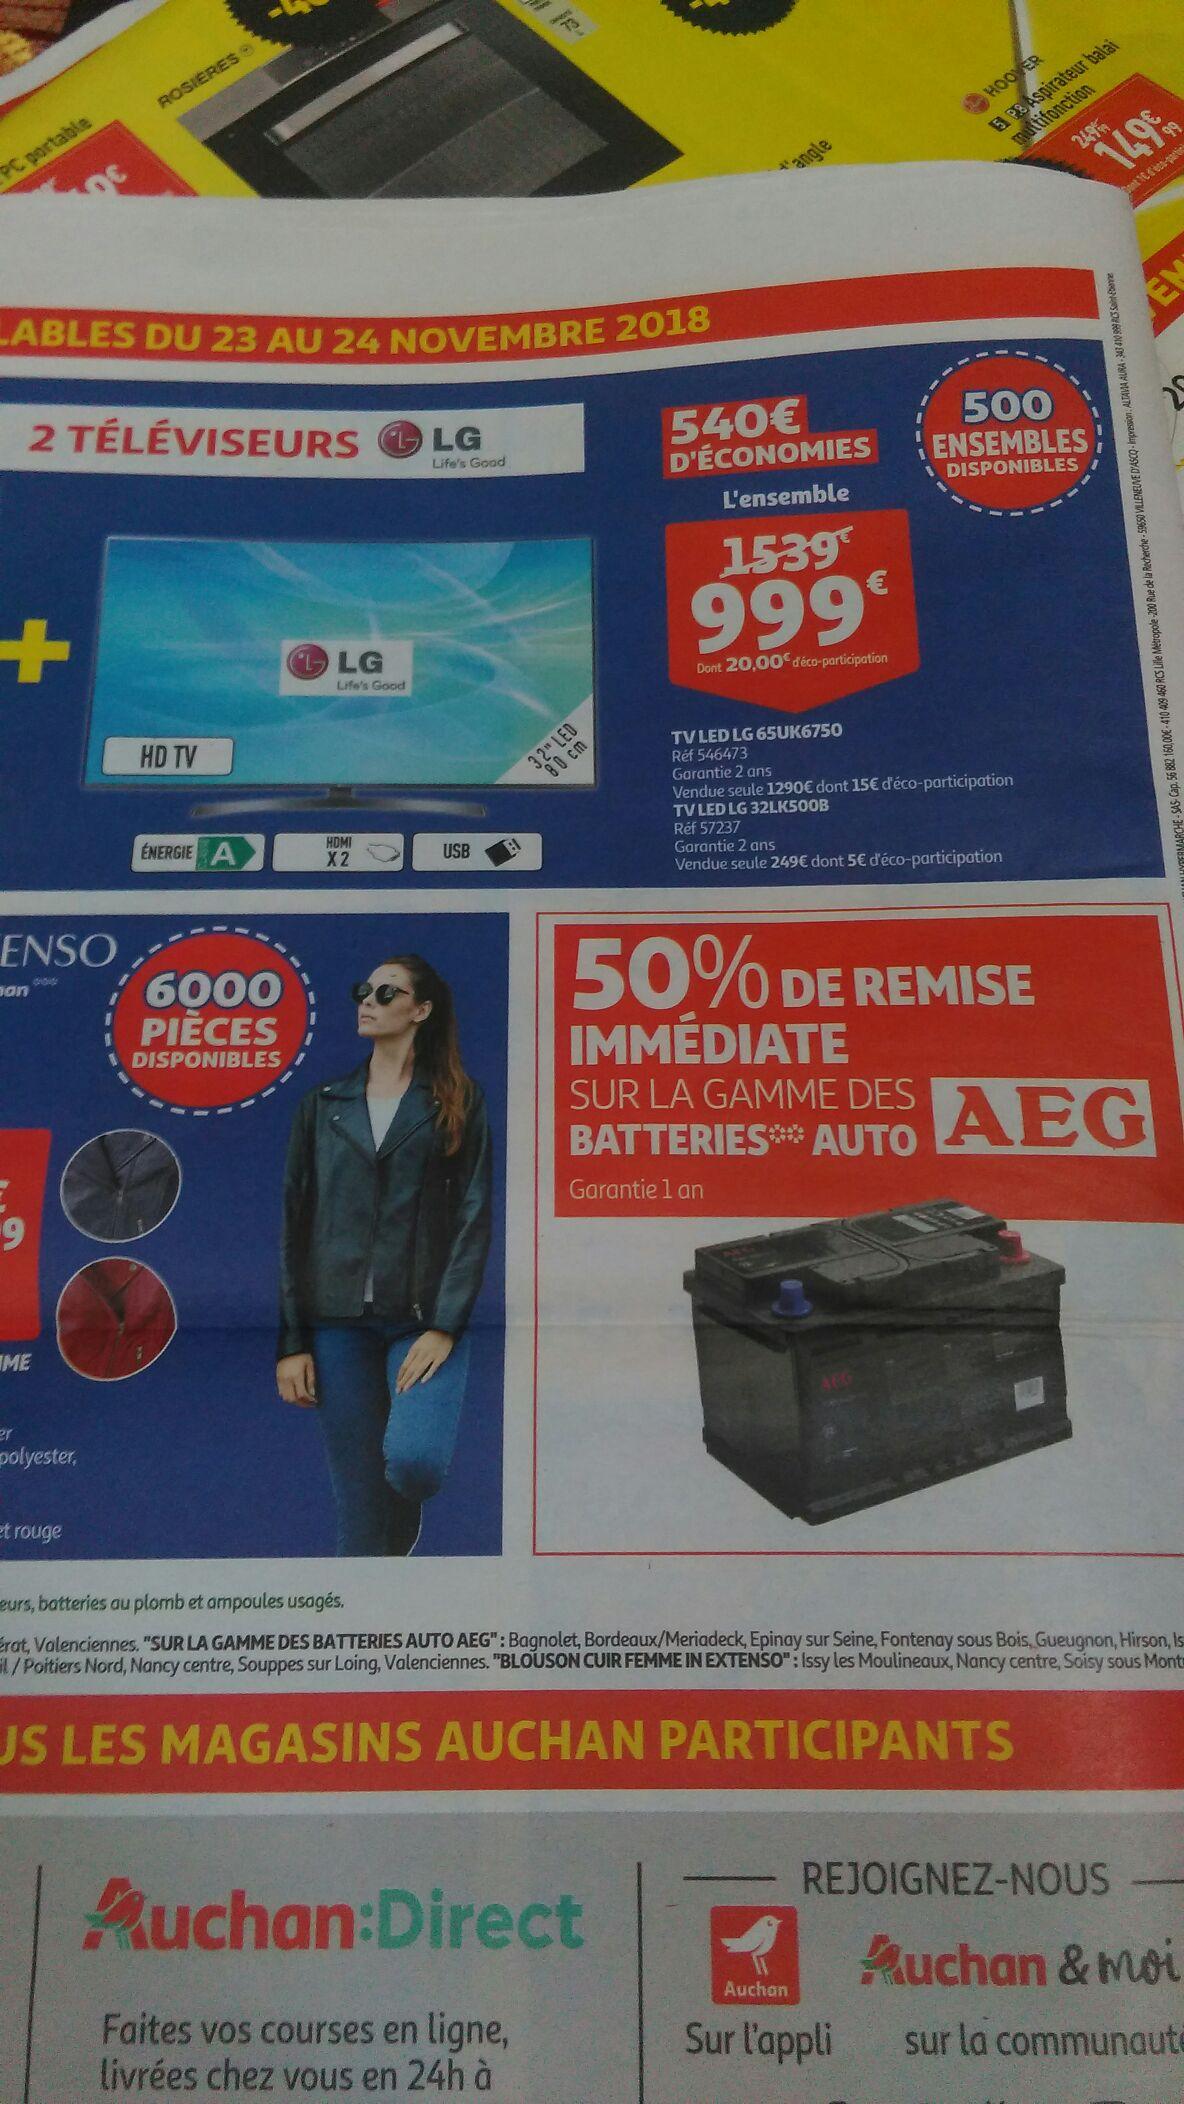 50% de remise immédiate sur la gamme des batteries auto AEG